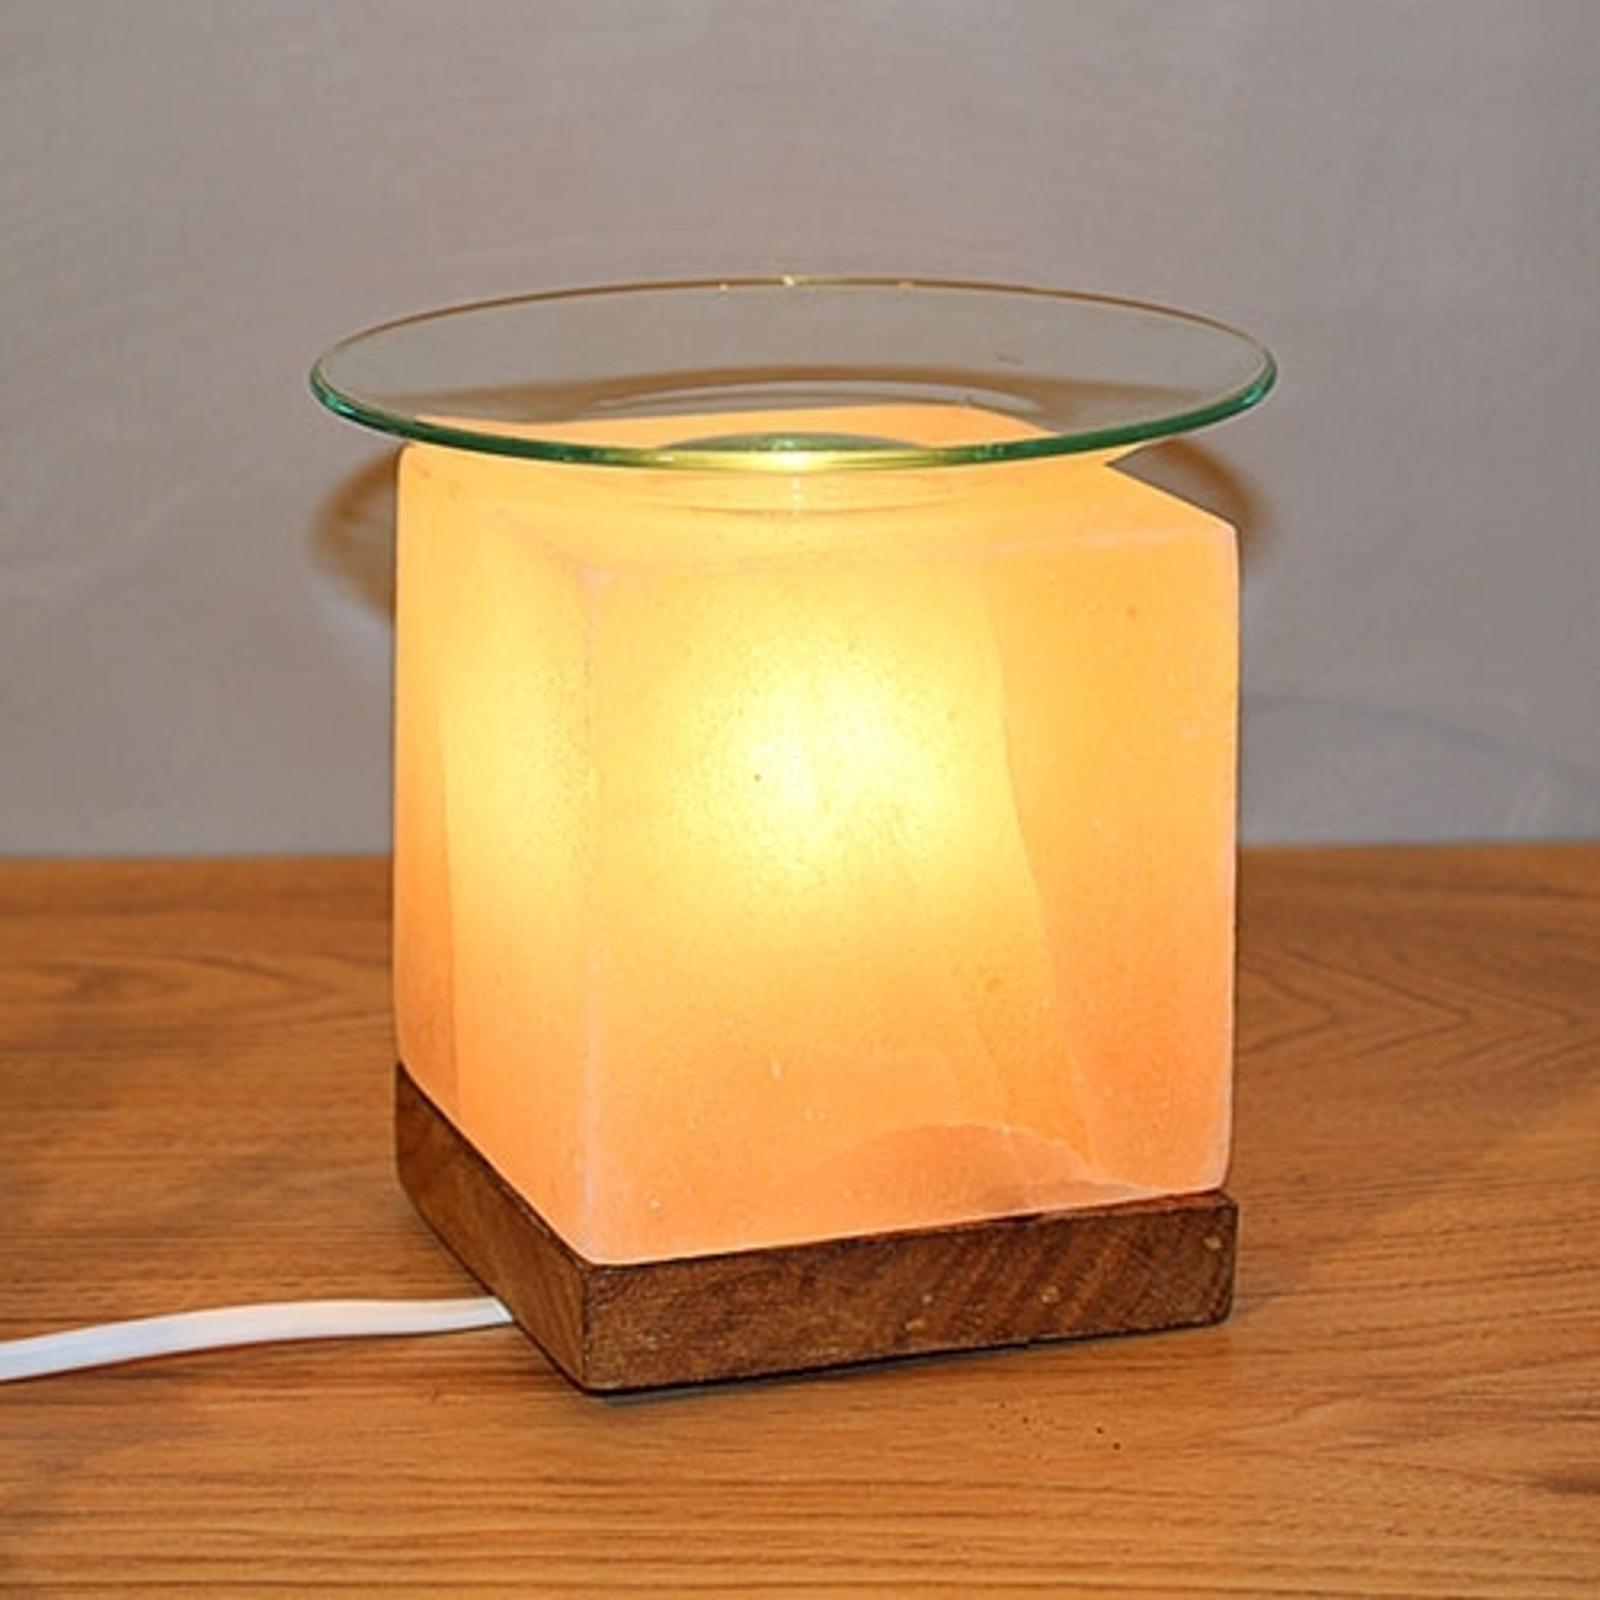 Aromasalzlampe Kubus für stimmungsvolle Stunden